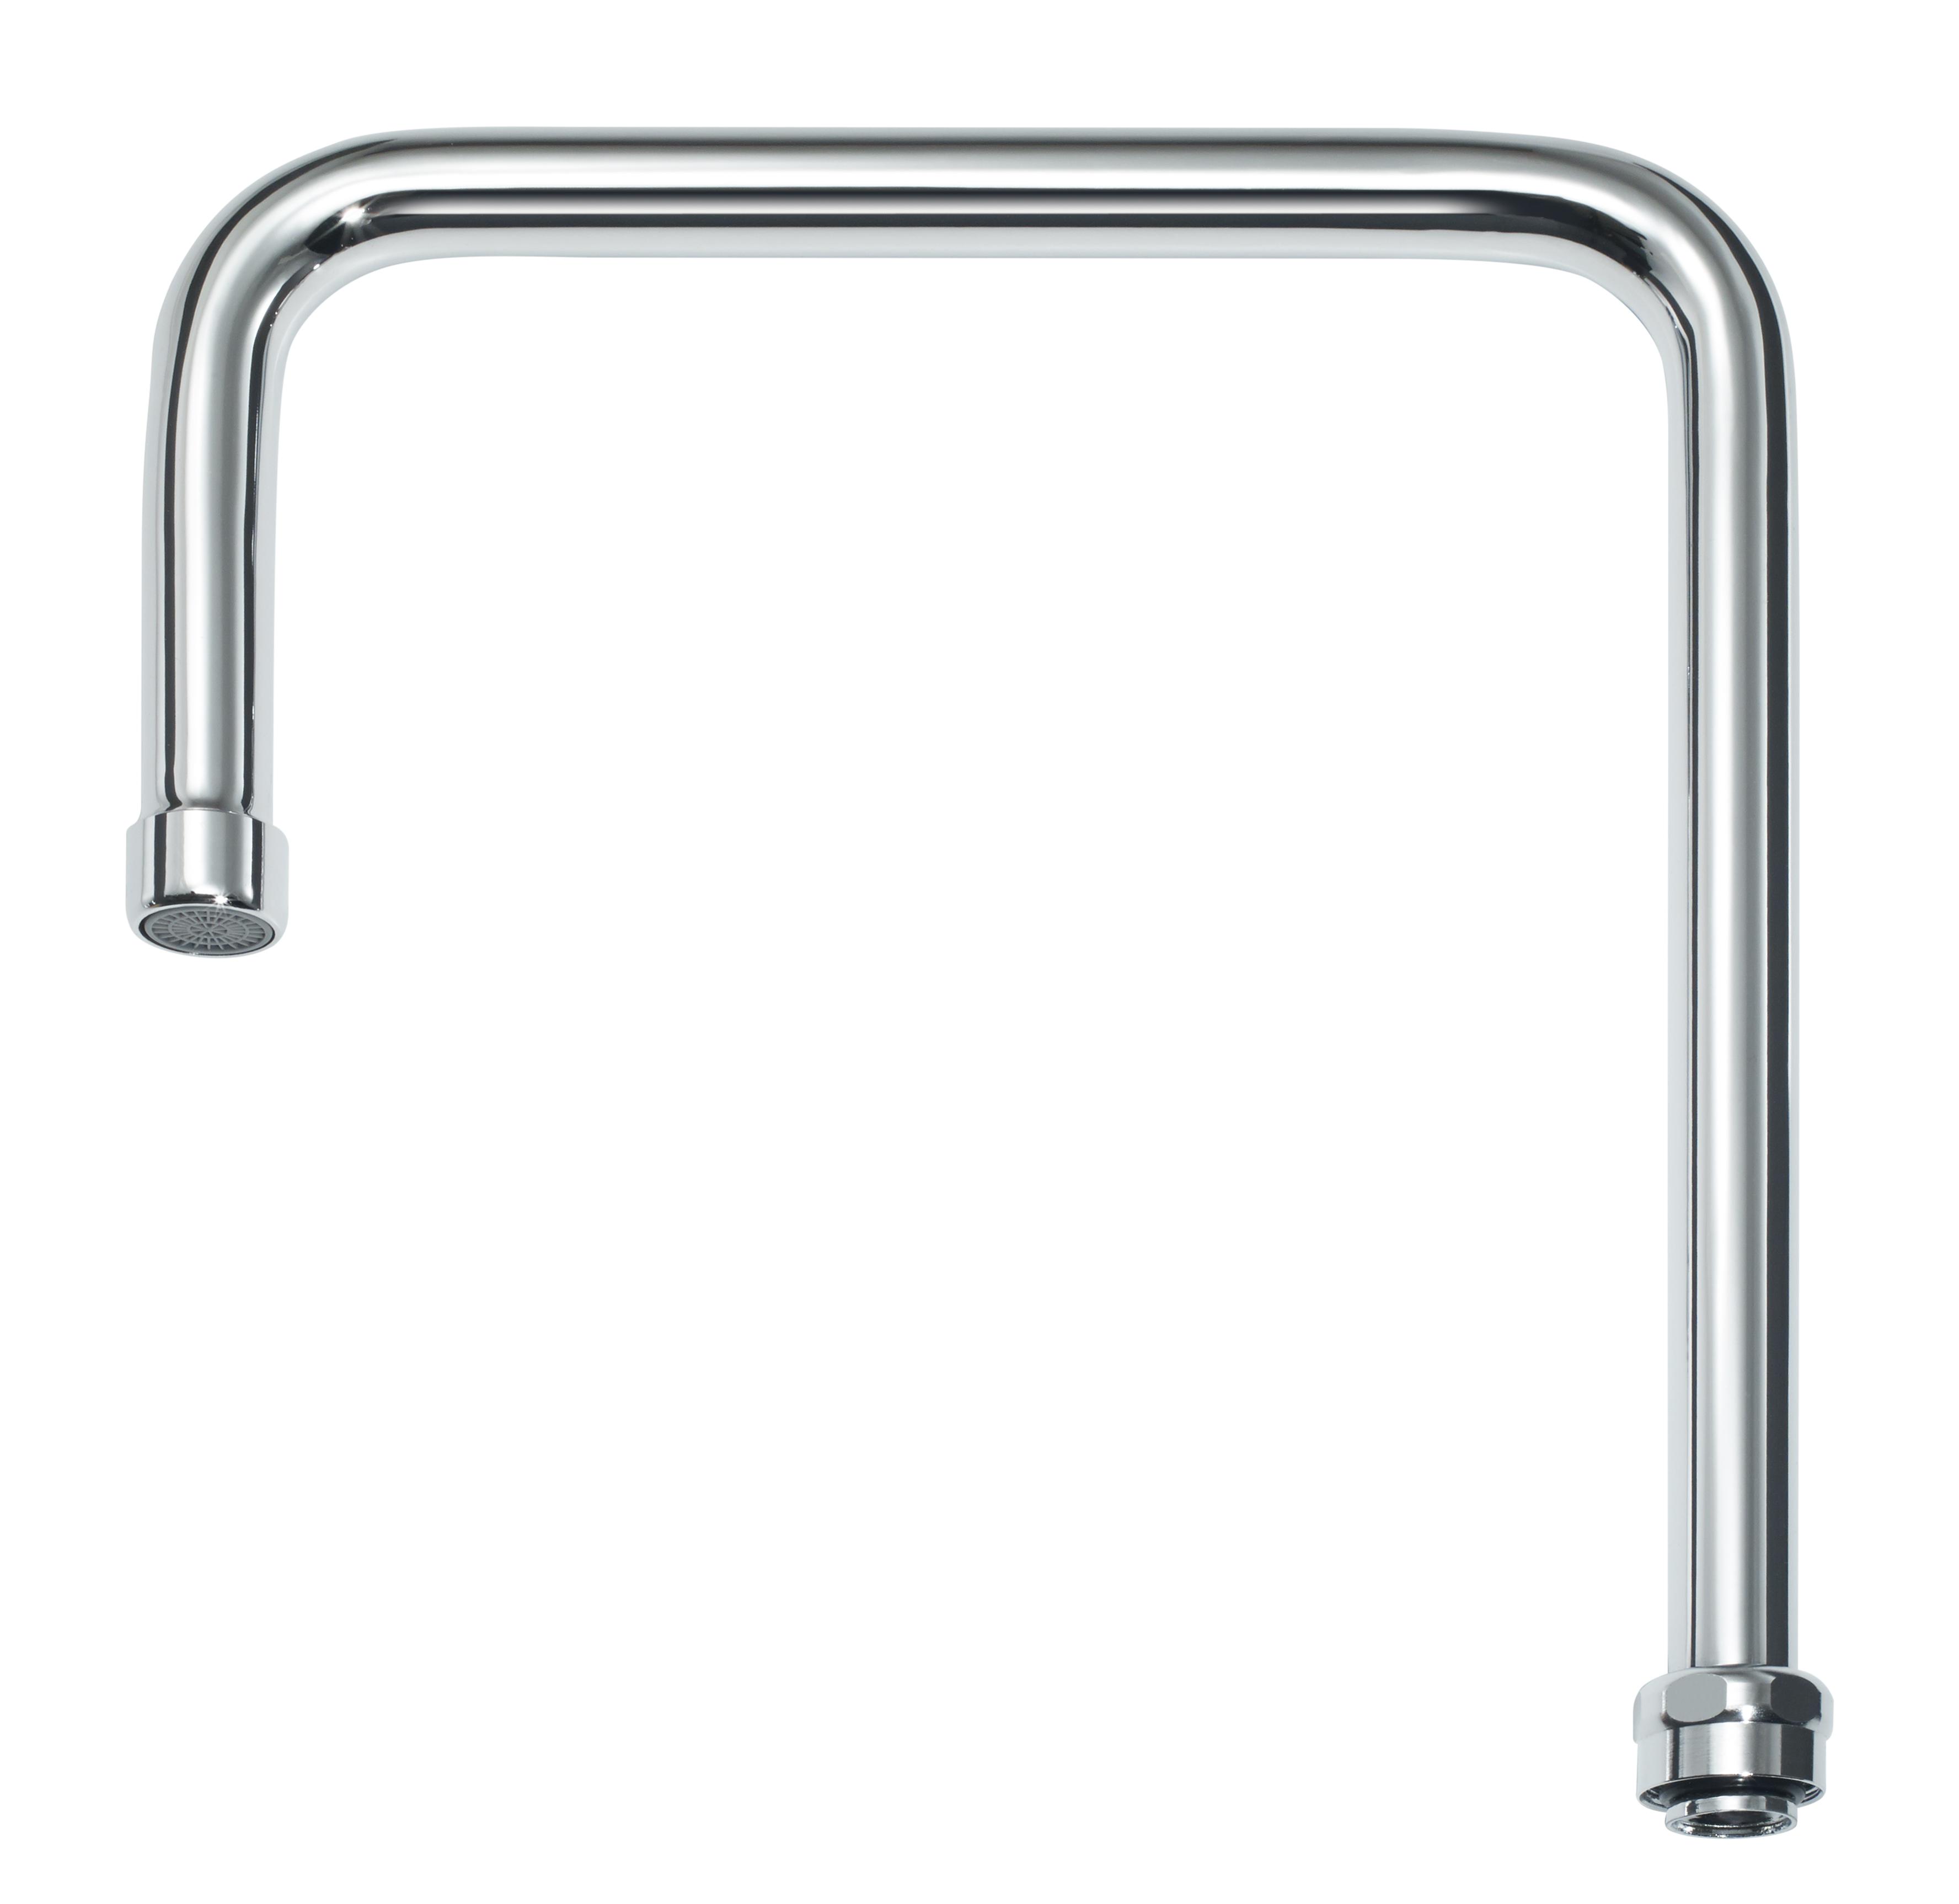 Krowne Metal 21-432L faucet, spout / nozzle